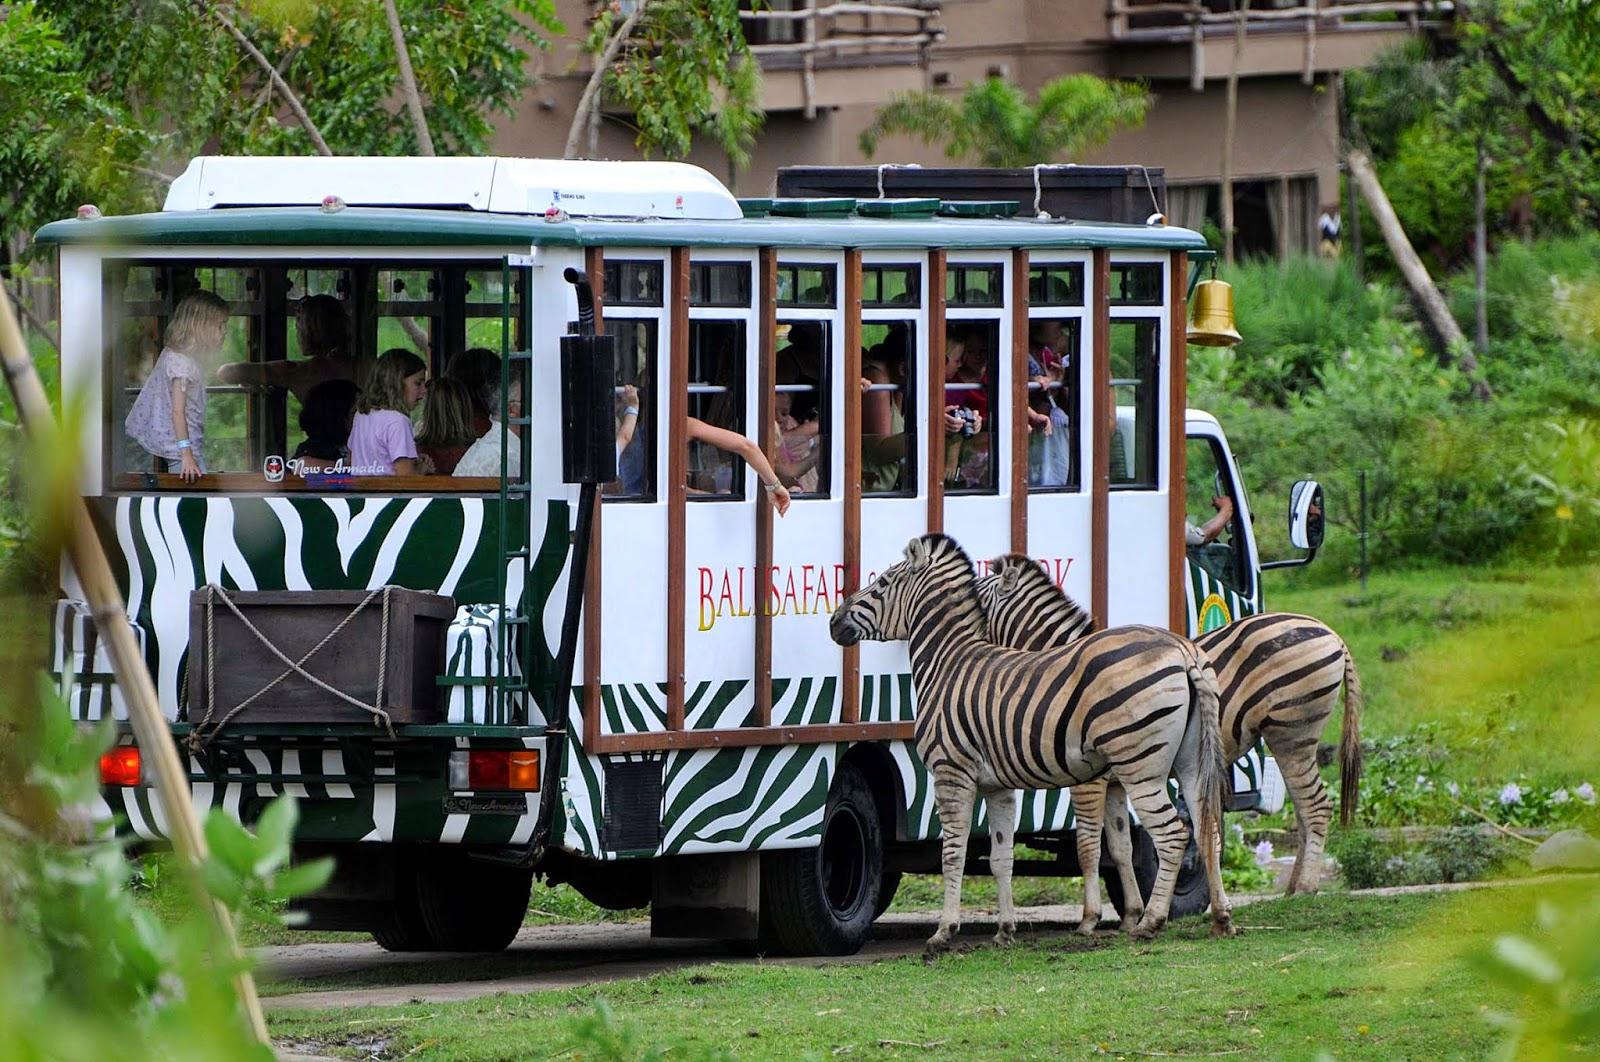 Bali safari and marine park - safari journey